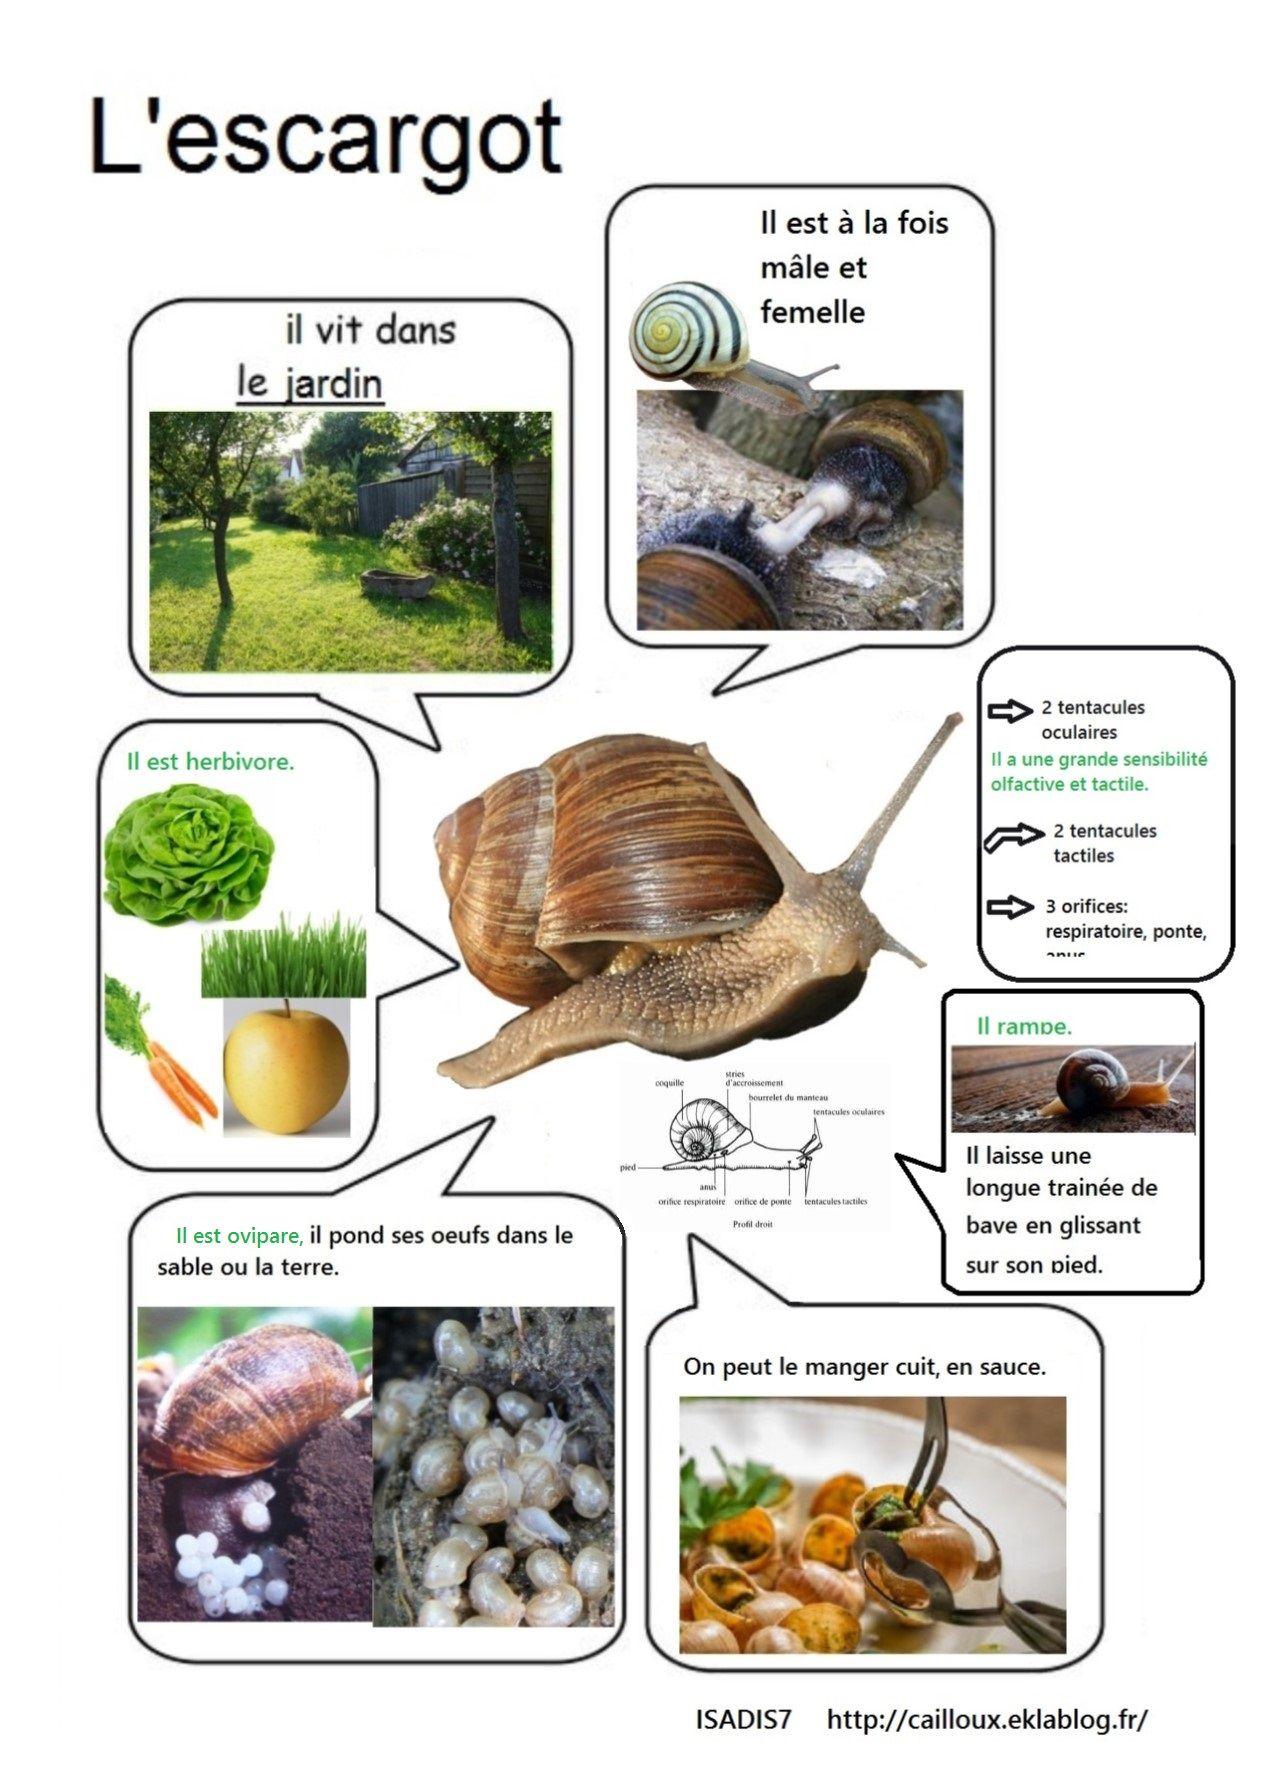 Notre Élevage D'escargots (Avec Images) | Escargot pour Elevage Escargot